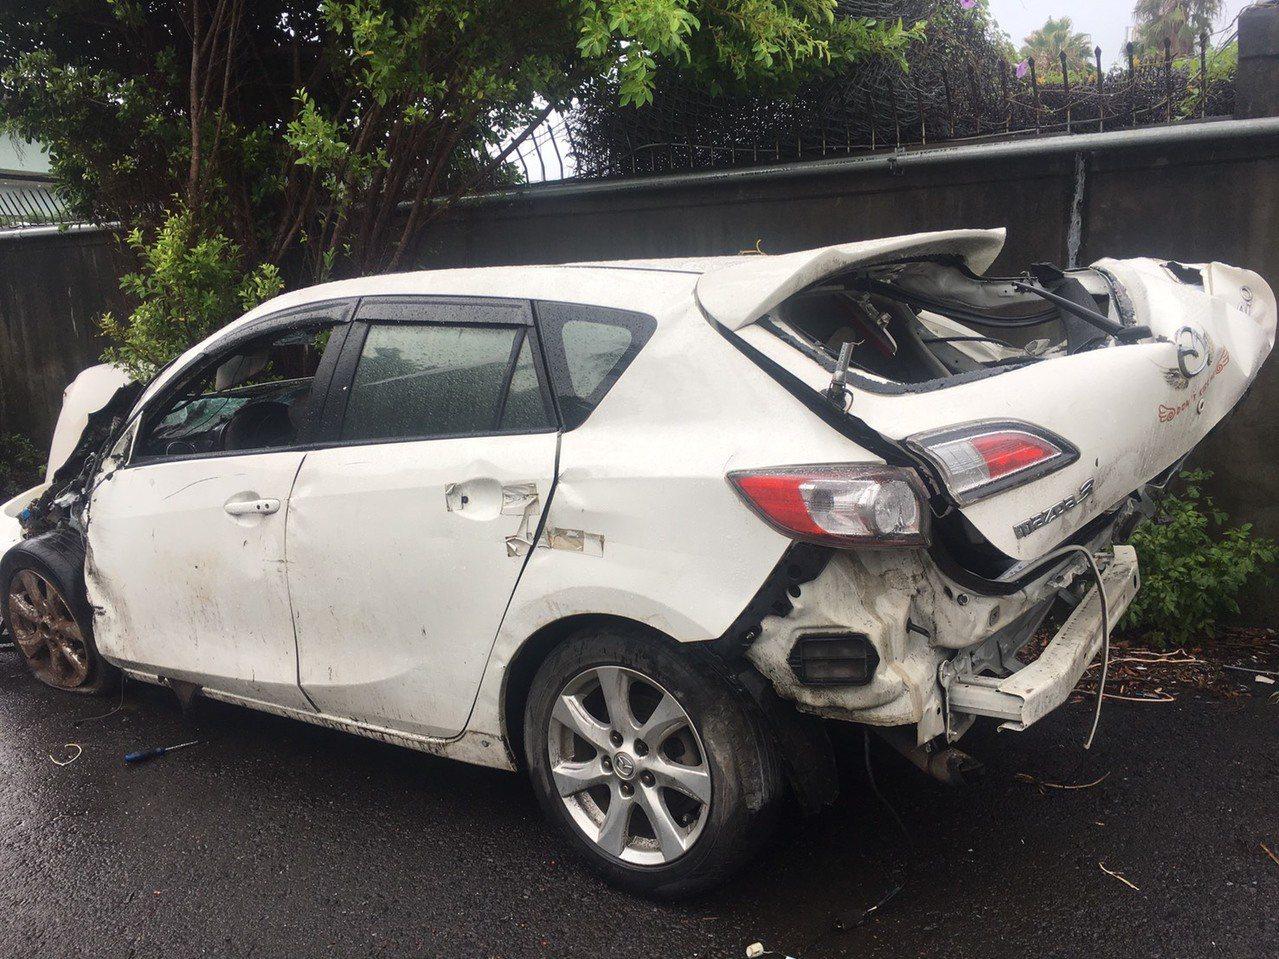 肇事車輛損壞嚴重。記者林昭彰/翻攝